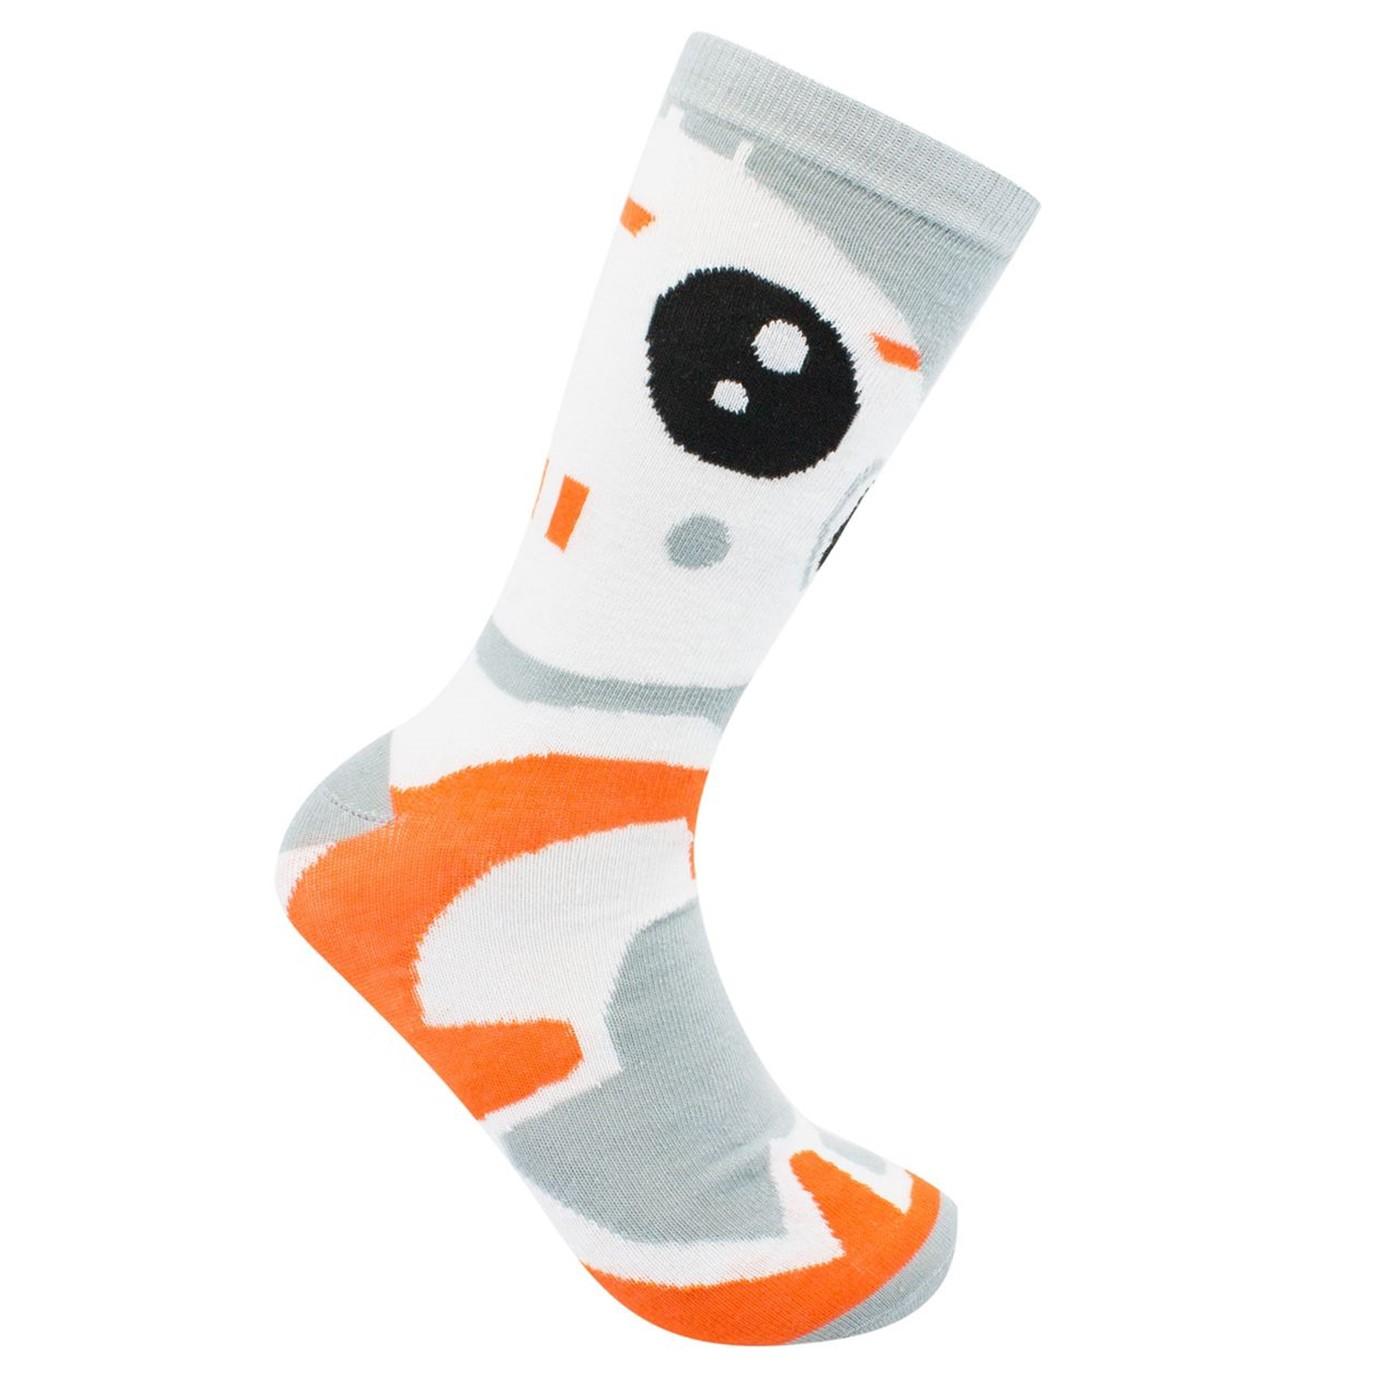 Star Wars BB-8 Crew Socks 2-Pack